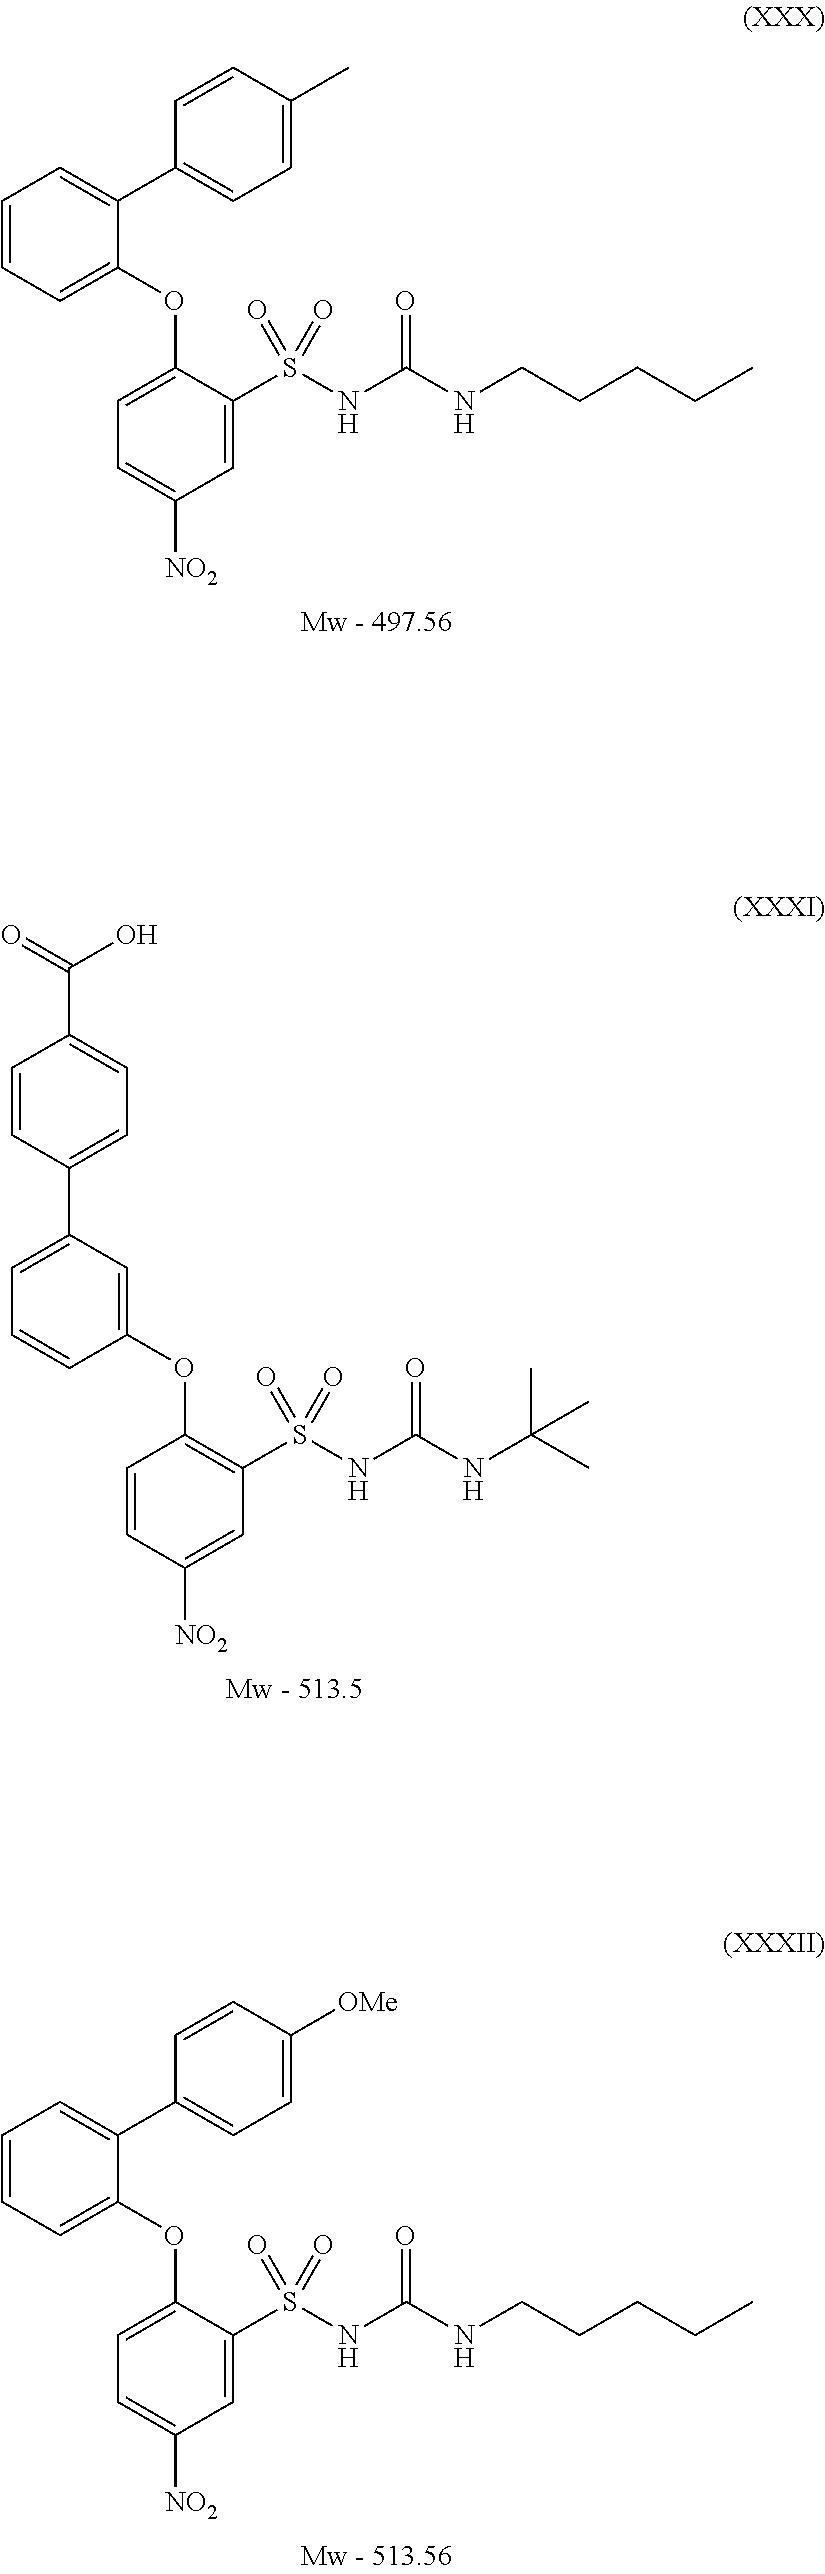 Figure US09718781-20170801-C00032